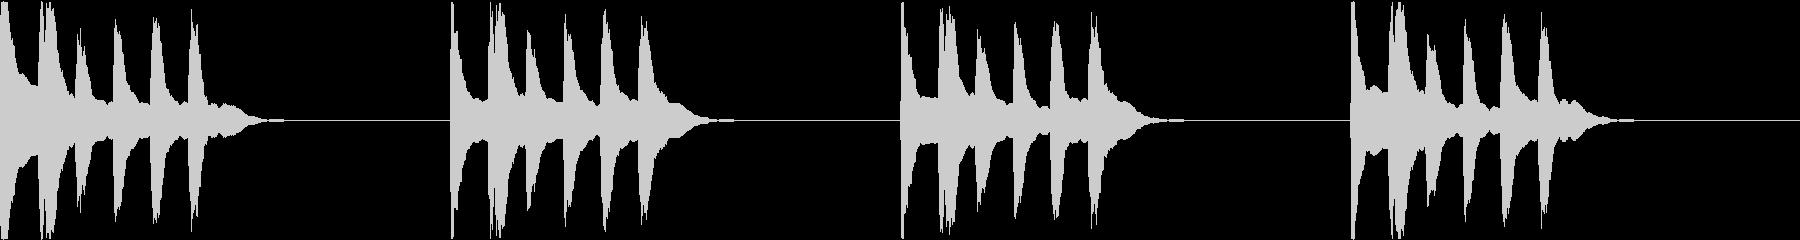 シンプル ベル 着信音 チャイム C-5の未再生の波形